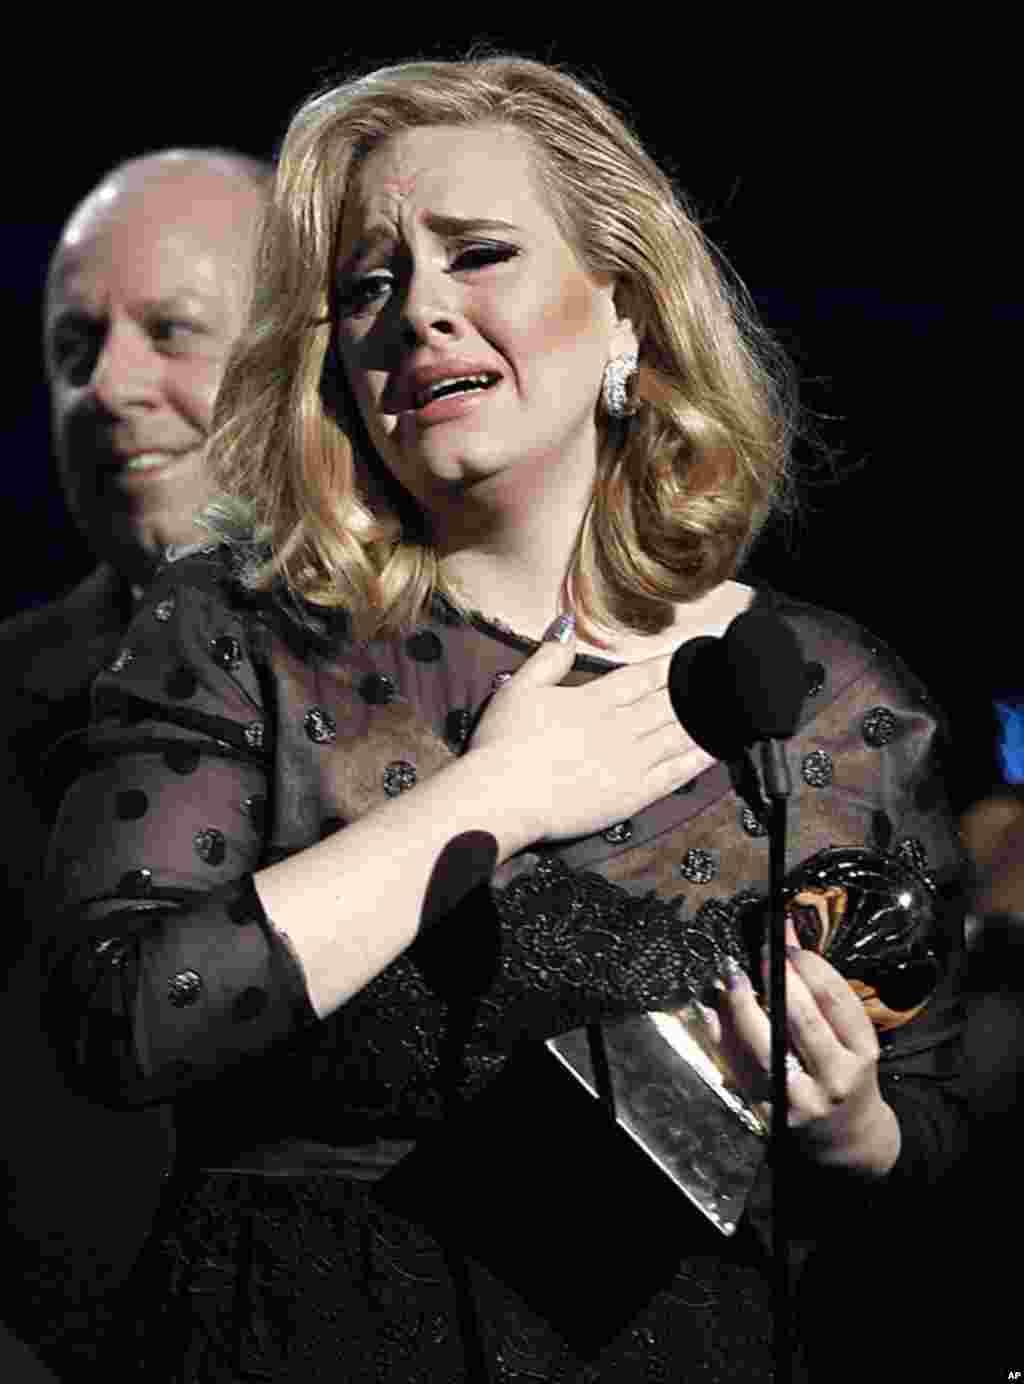 """2月12号,阿黛尔在洛杉矶格莱美颁奖典礼上以""""Rolling in the Deep""""获得年度最近唱片奖。 (AP Photo/Matt Sayles)"""